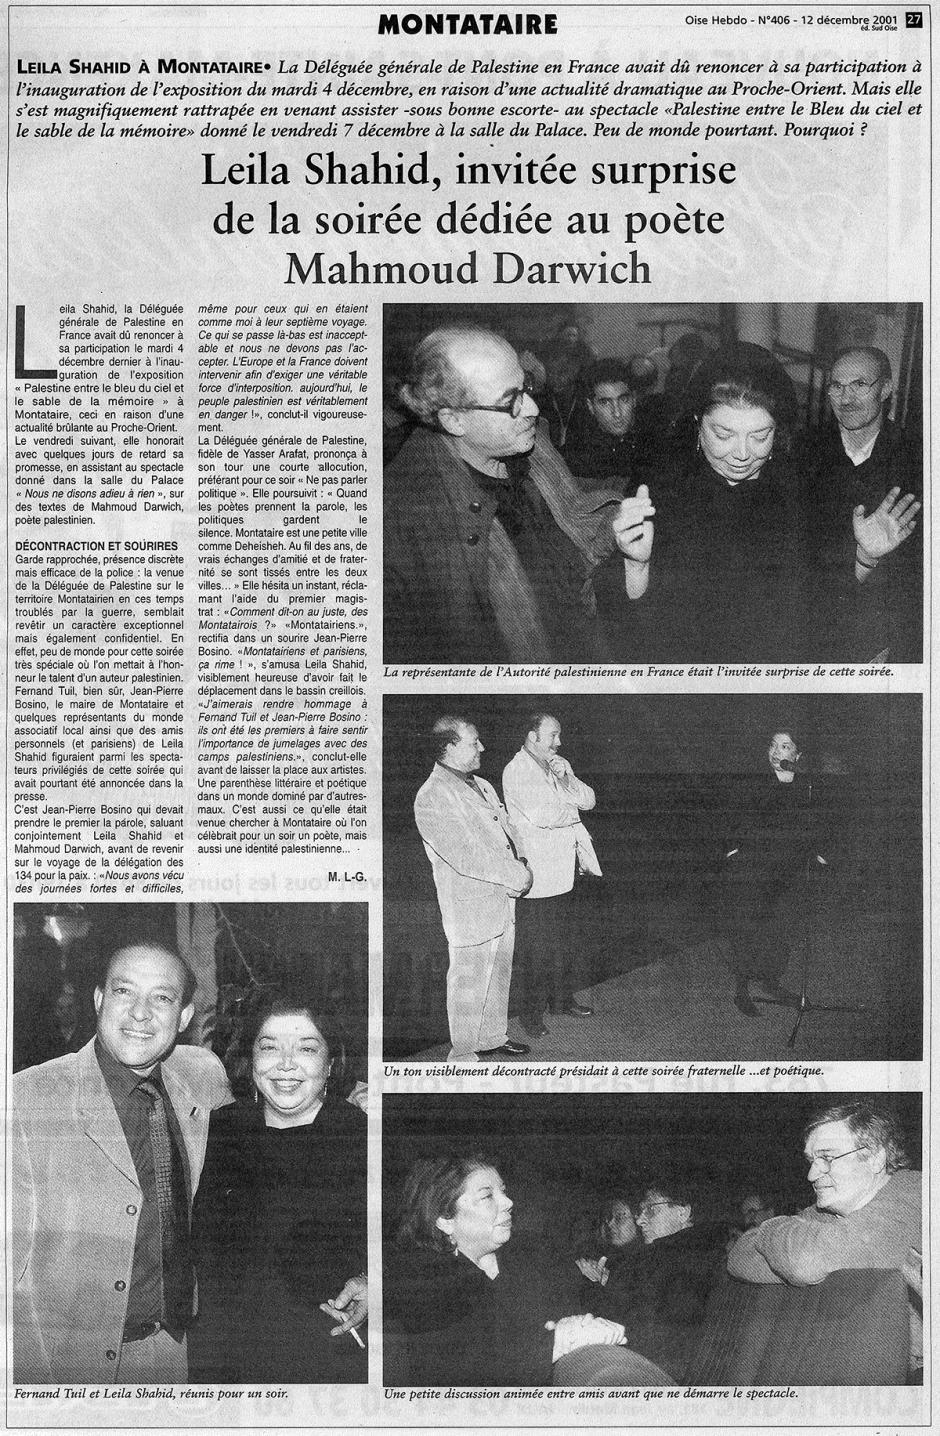 20011212-OH-Montataire-Leila Shahid invitée surprise de la soirée dédiée au poète Mahmoud Darwich